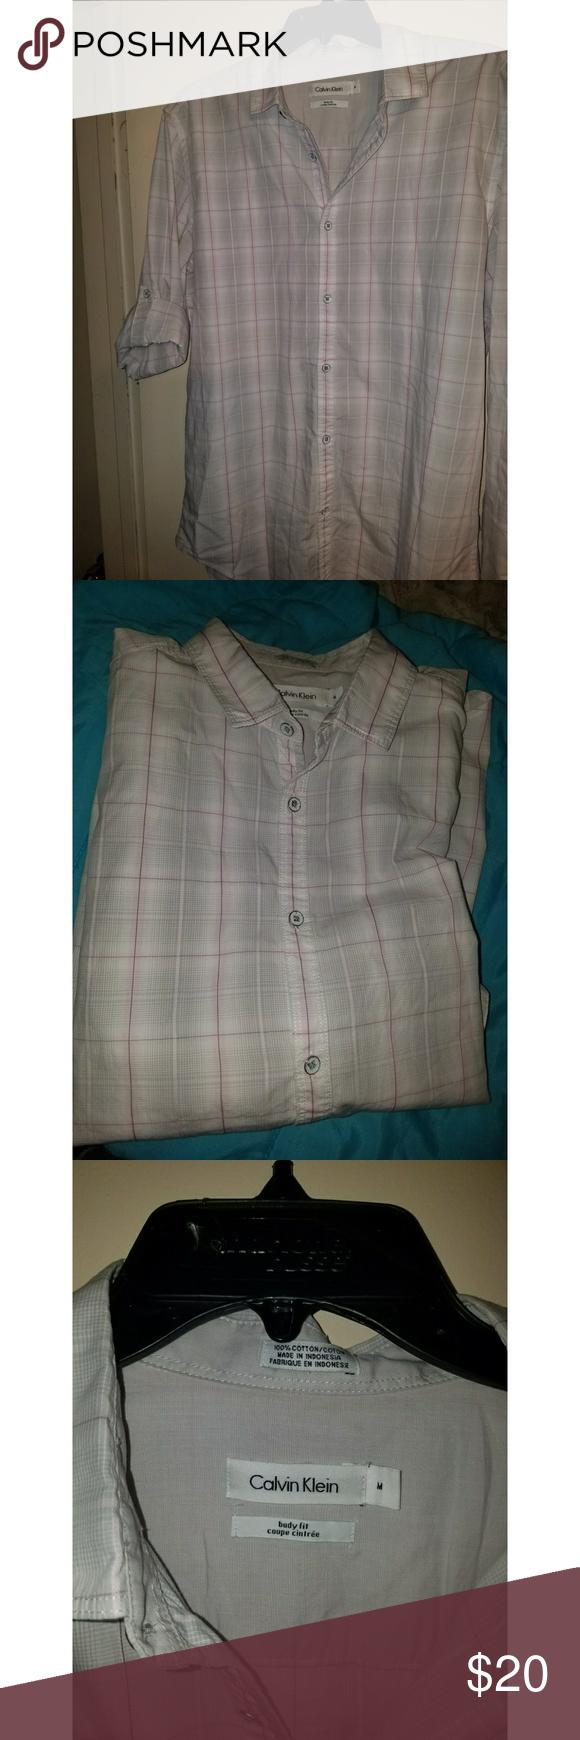 Calvin Klein button down shirt Good condition. Buttons are fading as shown. Calvin Klein Tops Button Down Shirts